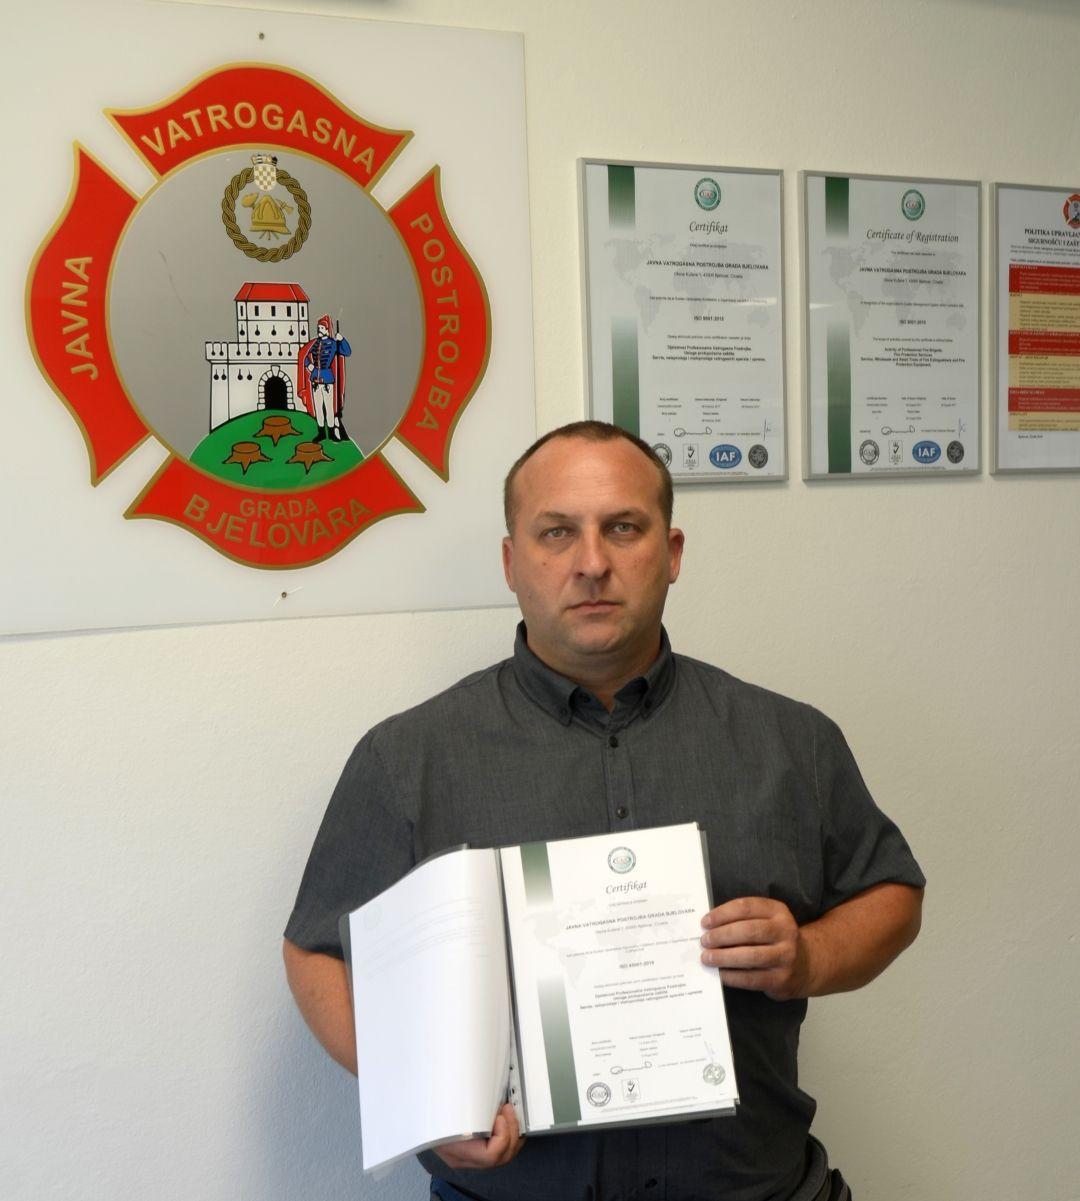 Certifikacija Javne vatrogasne postrojbe Grada Bjelovara po normi ISO 45001:2018